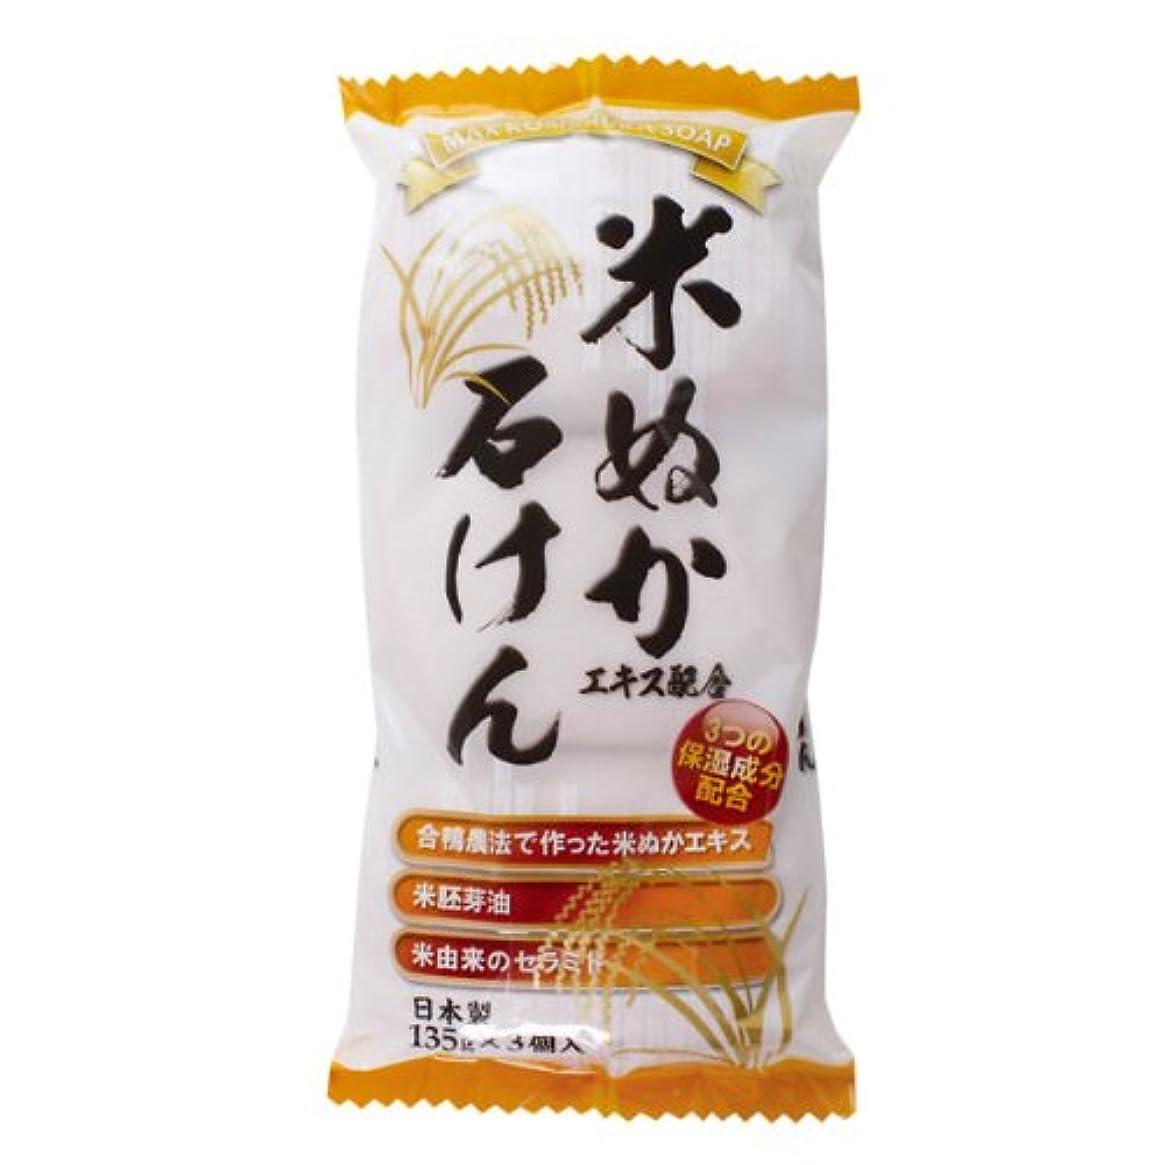 素人誠実貫通する米ぬかエキス配合石けん 3個入 135g×3個